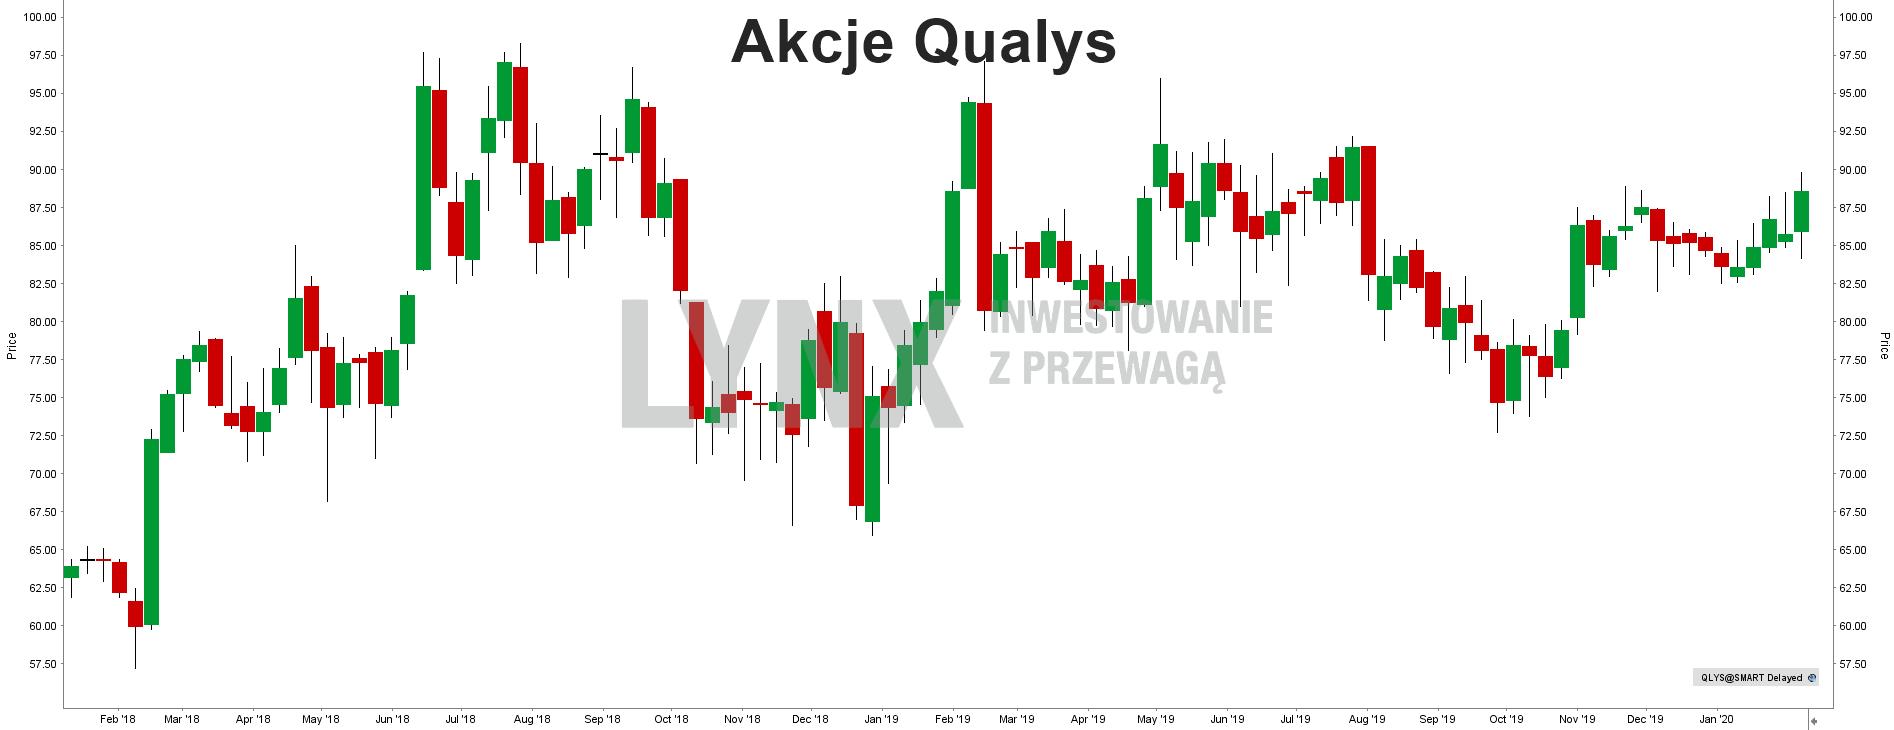 Akcje Qualys